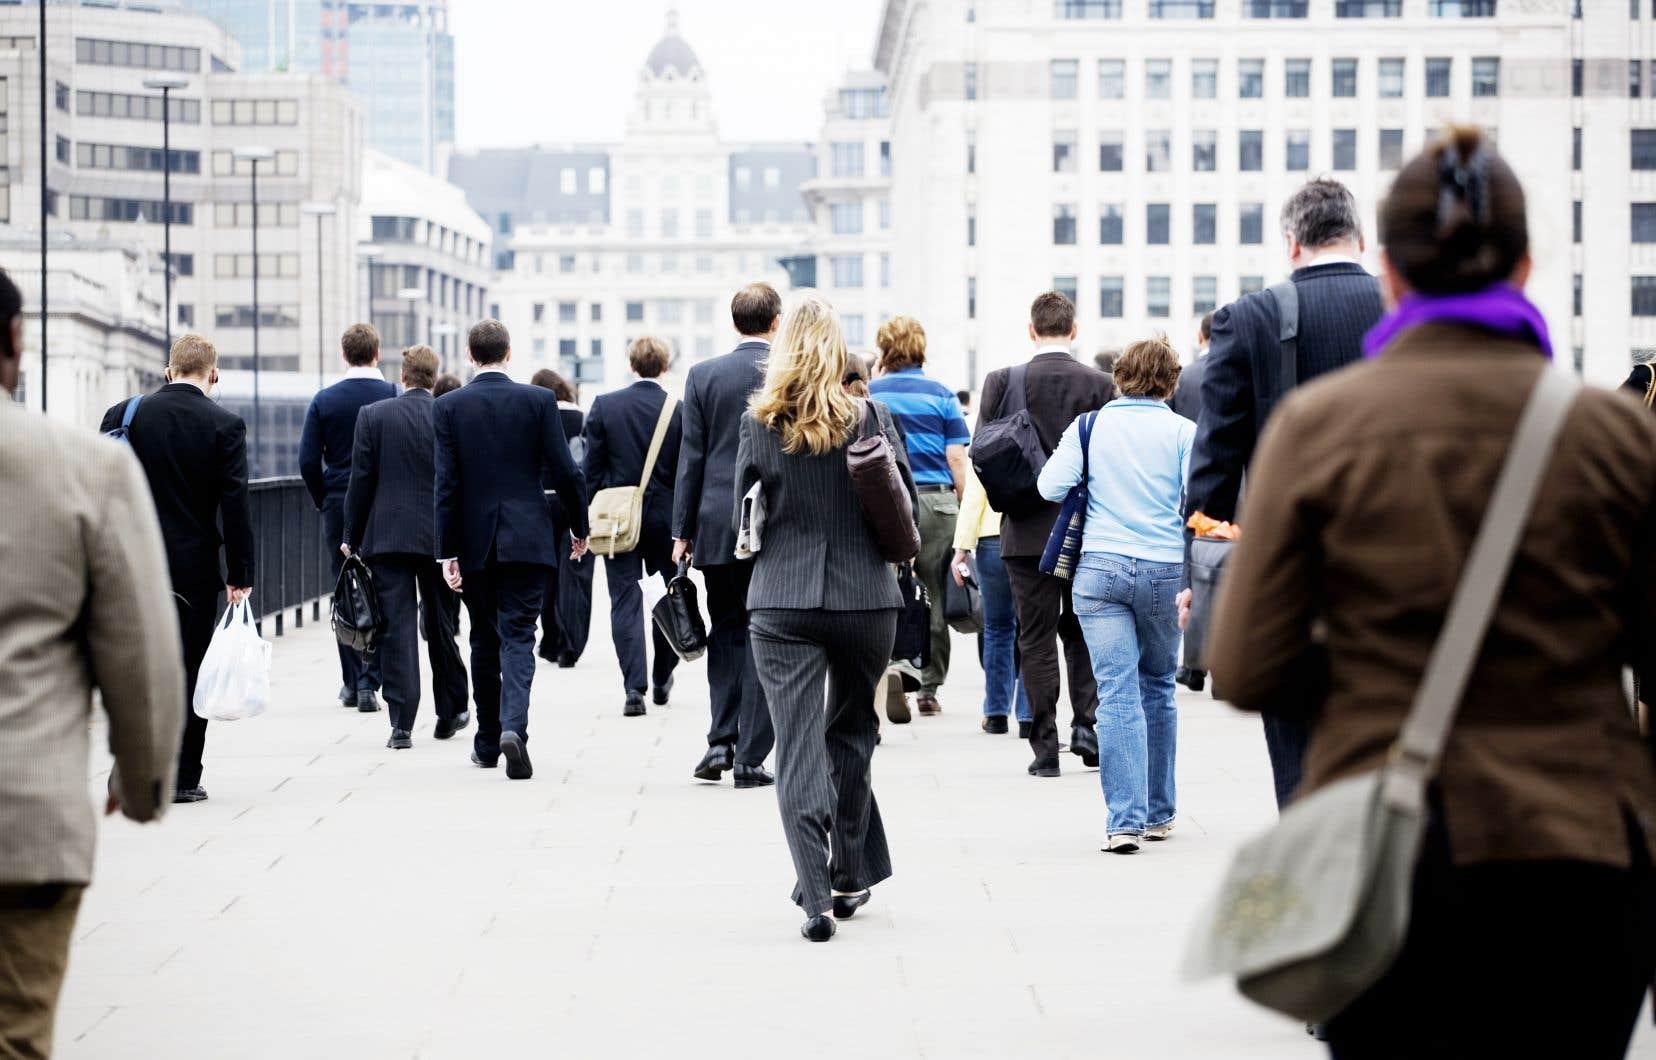 Une salariée à temps plein gagne en moyenne mensuellement 14,3% de moins que son homologue masculin, un taux quasiment inchangé ces dernières années dans la zone OCDE.